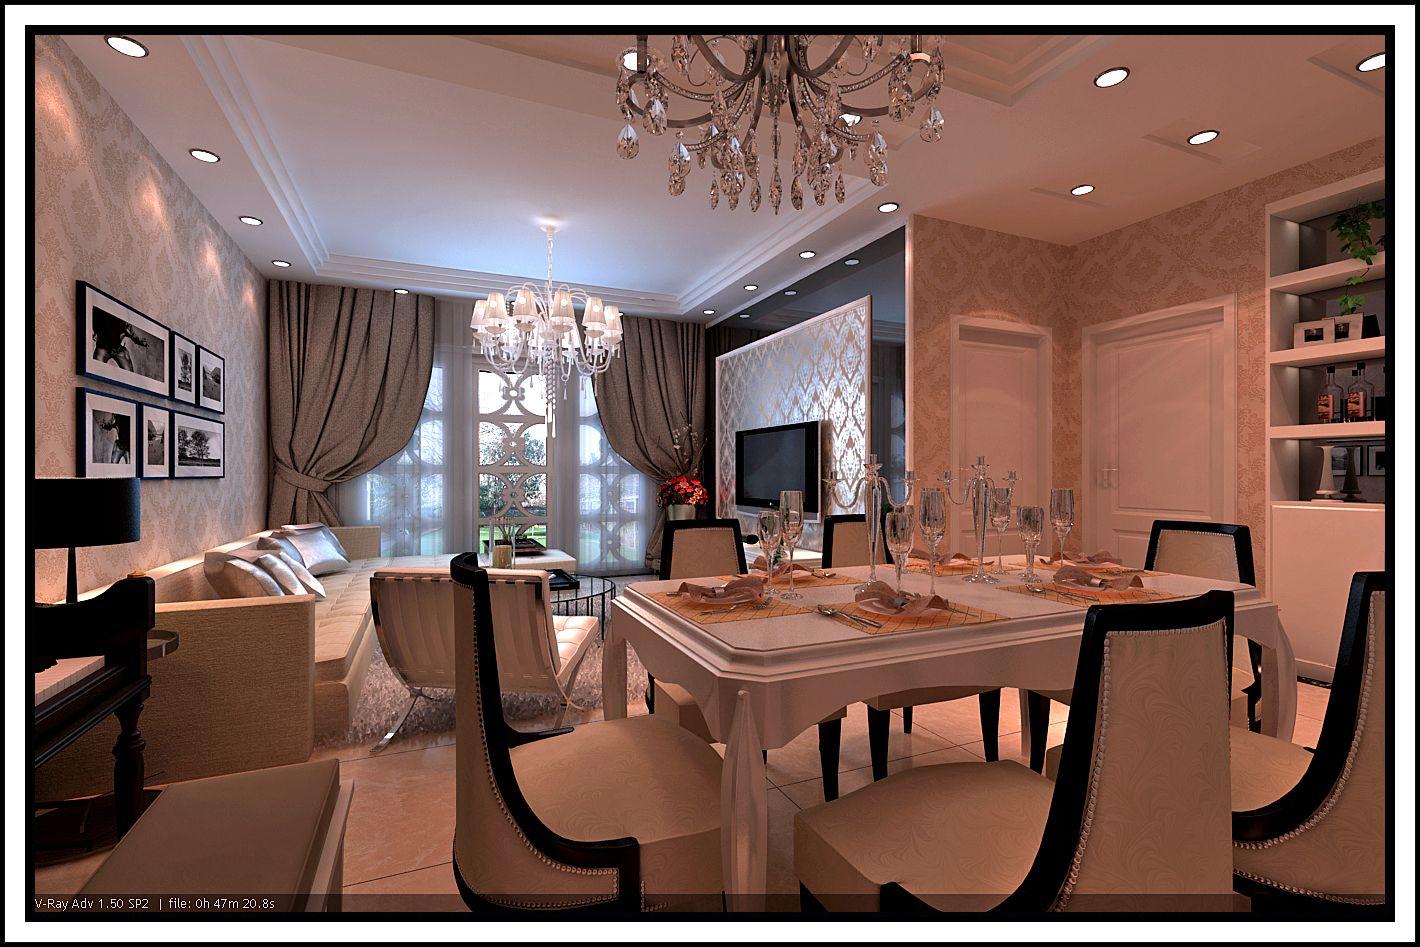 家里卧室装修图片_装修白色门配什么家具-白色家具配什么门好看-白色门配黑胡桃色 ...